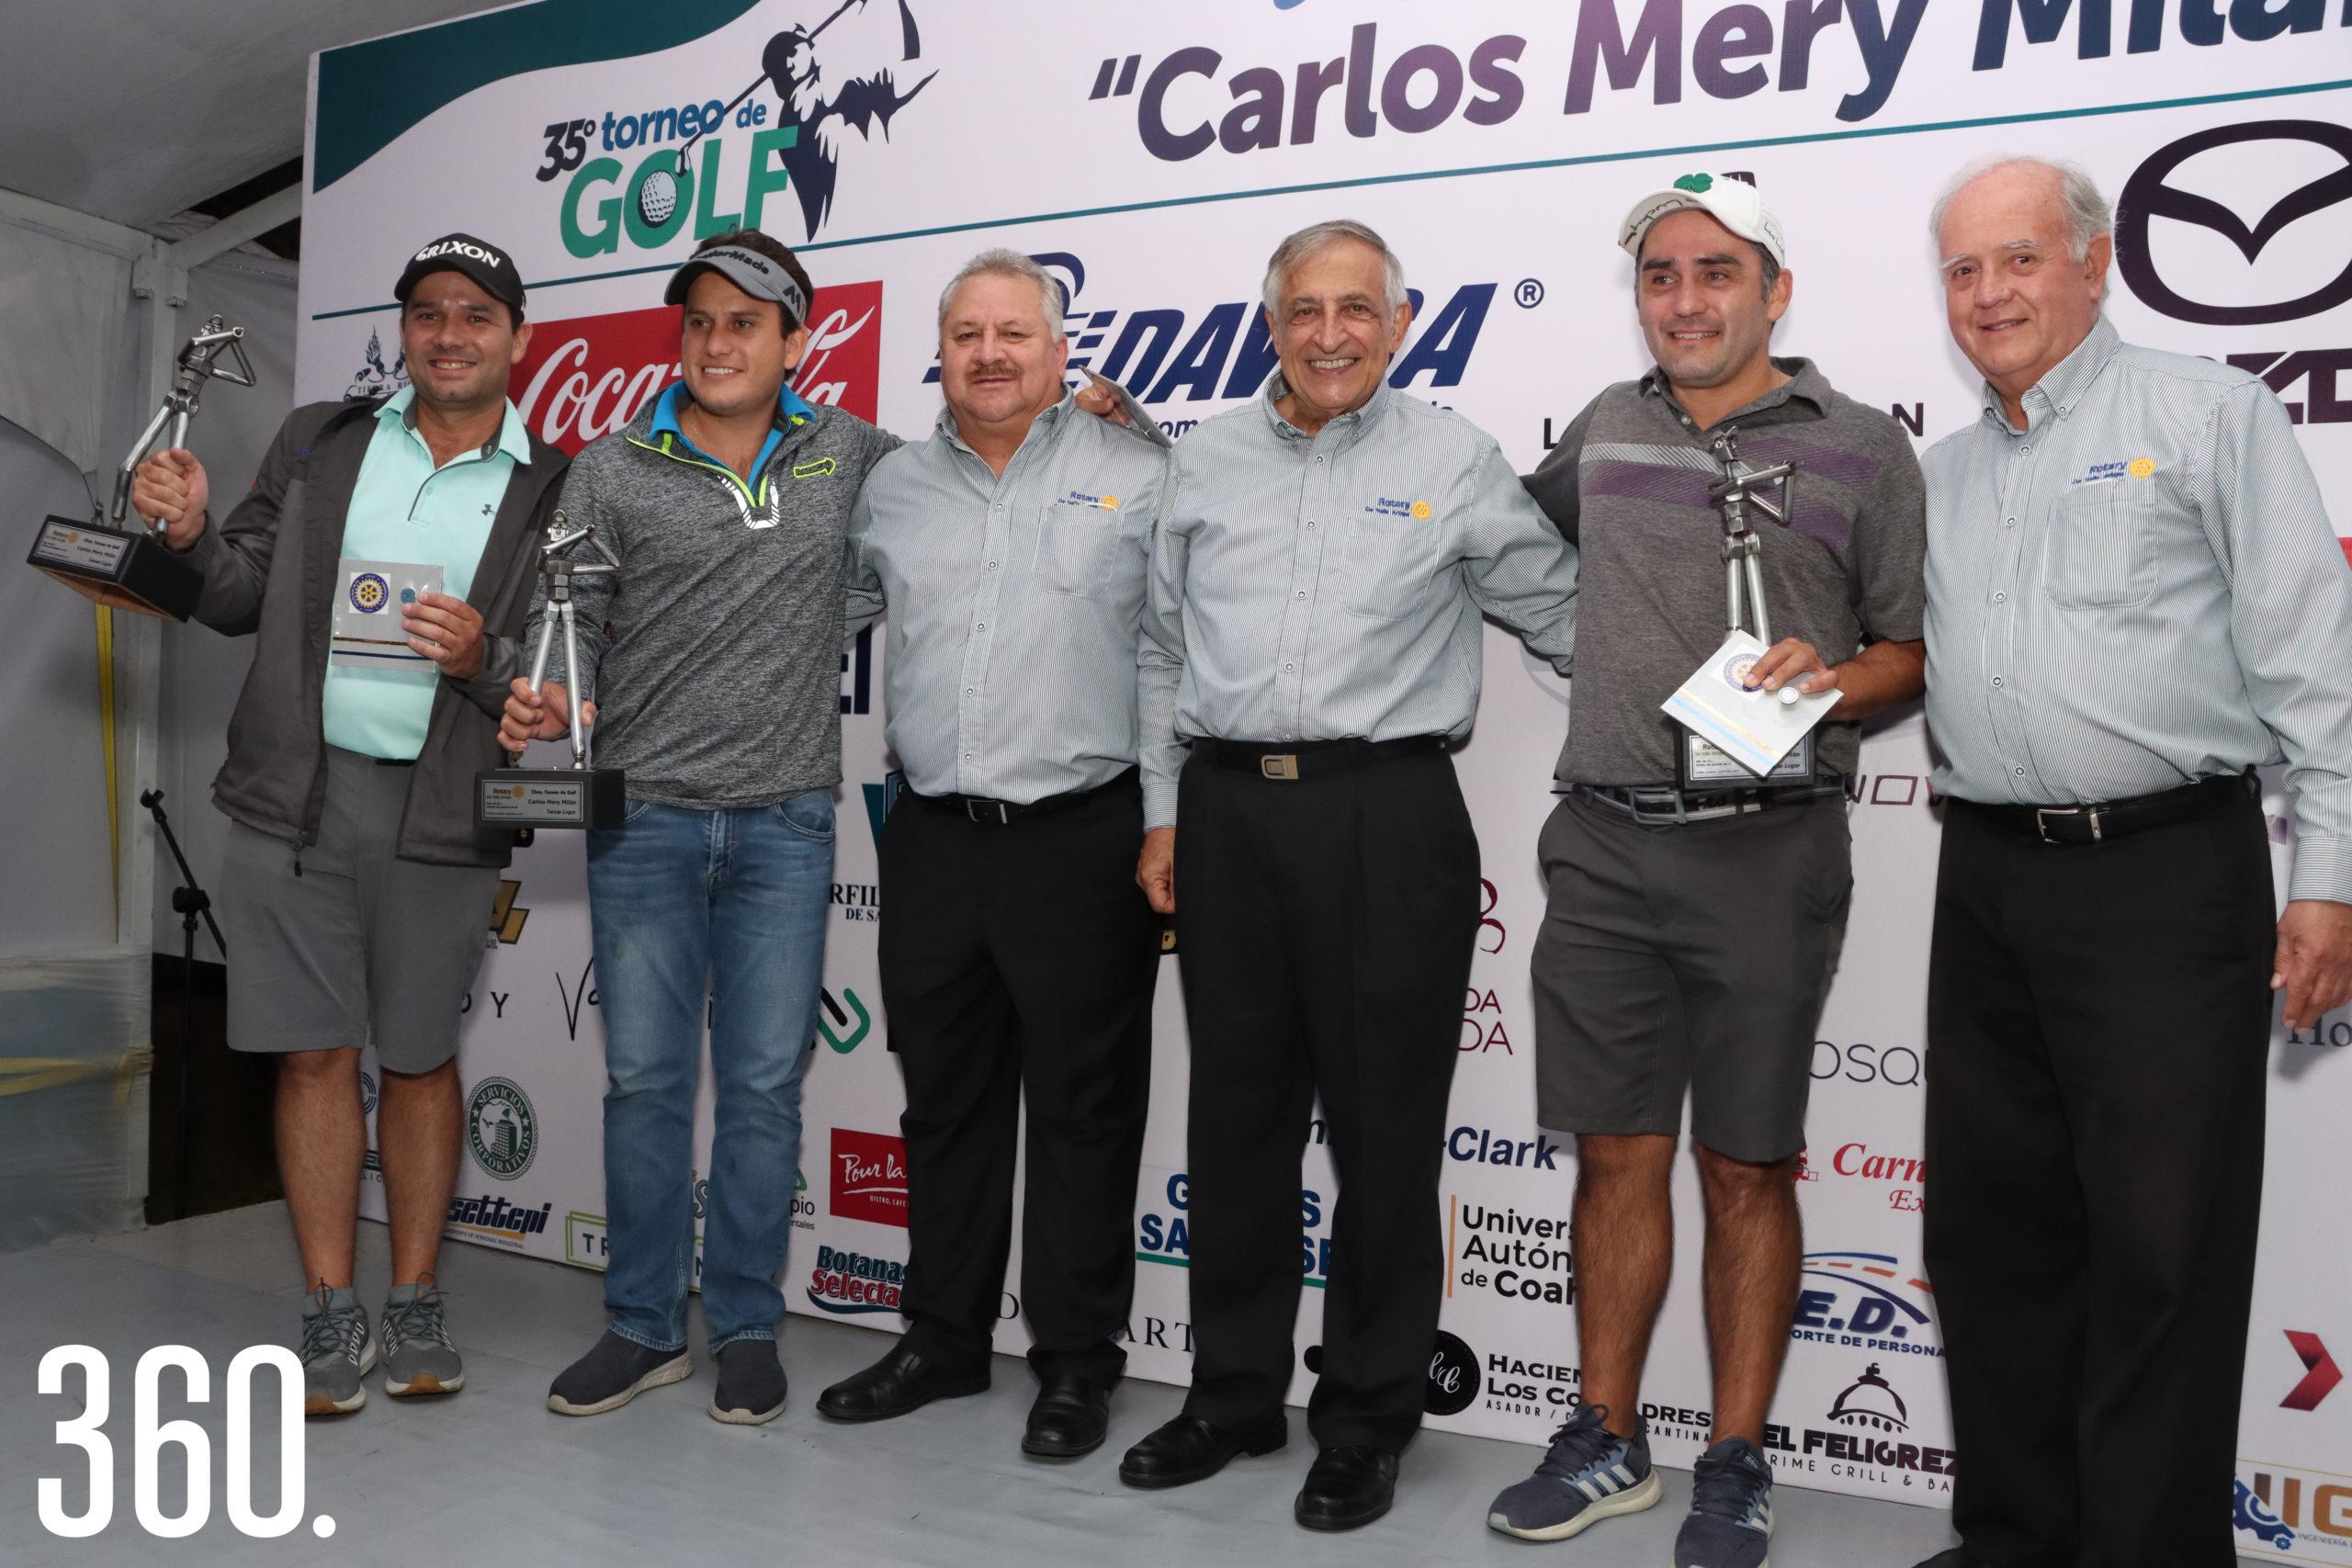 Gabriel, Jesús y Jorge de las Fuentes recibieron los trofeos de tercer lugar de manos de las autoridades rotarias y del homenajeado.